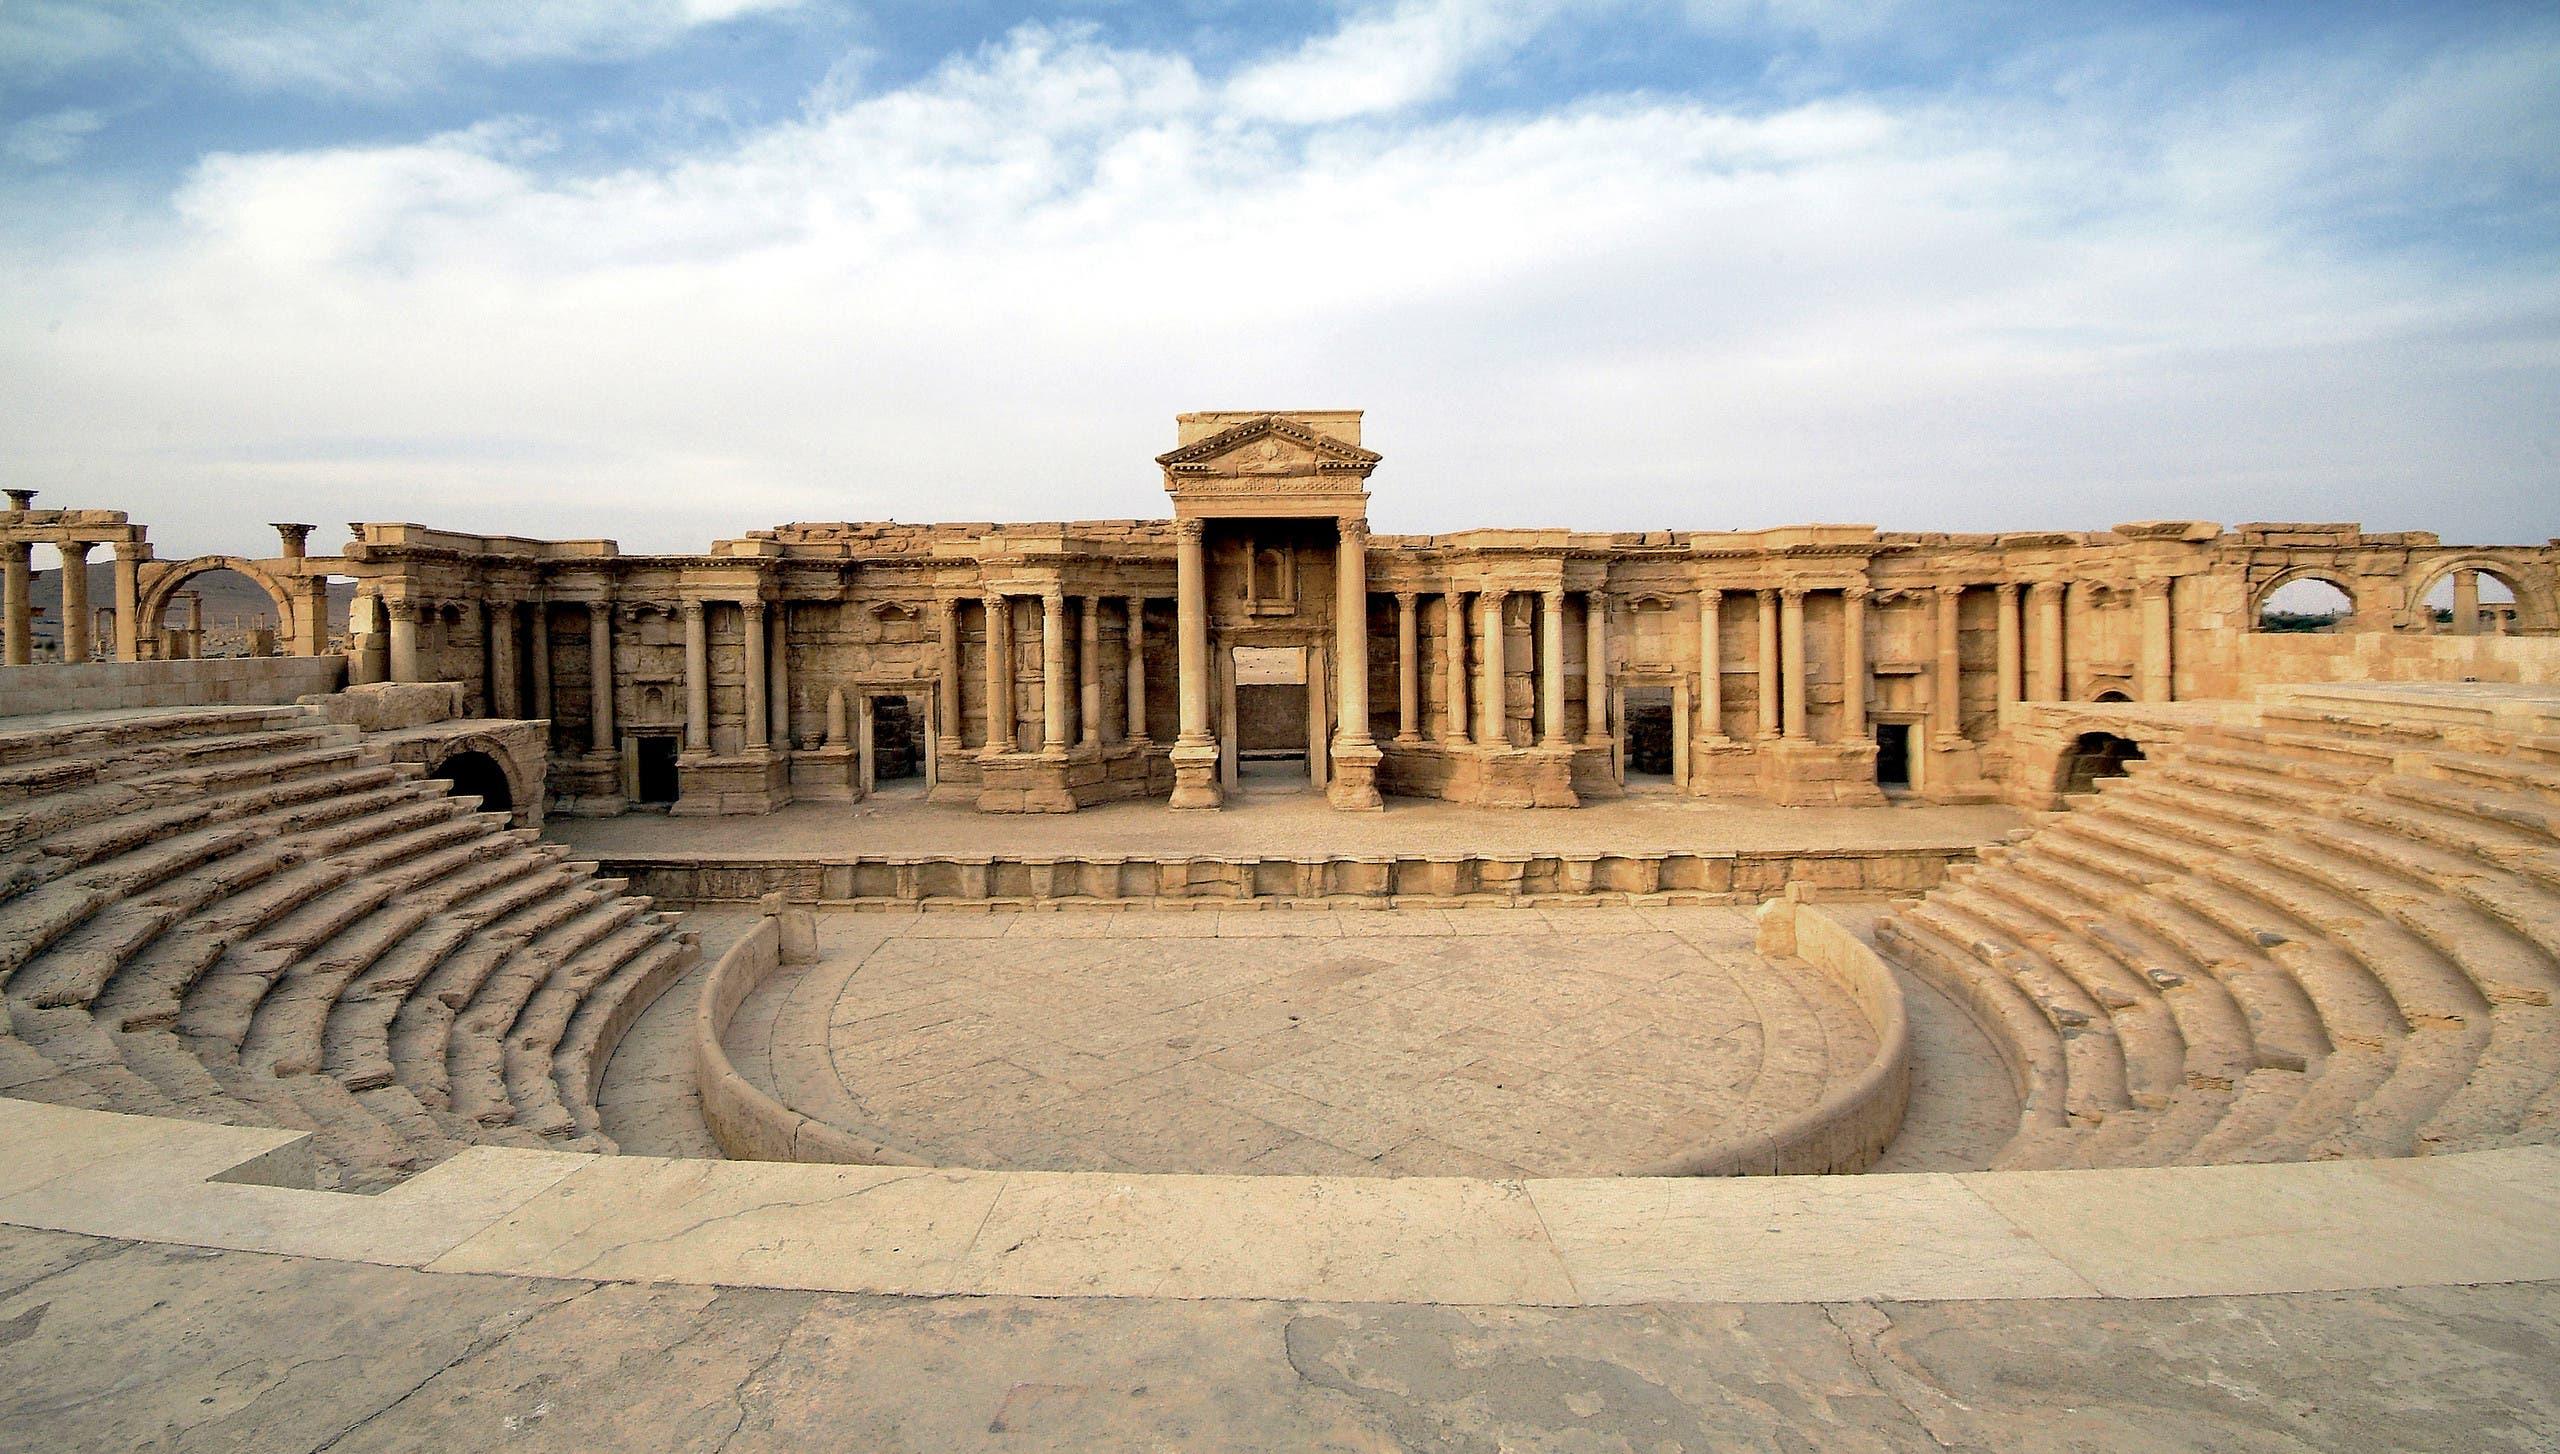 الحضارات الشرق أوسطية كان لها الباع الأطول في دفع عجلة الحضارة. جانب من المواقع الأثرية في تدمر